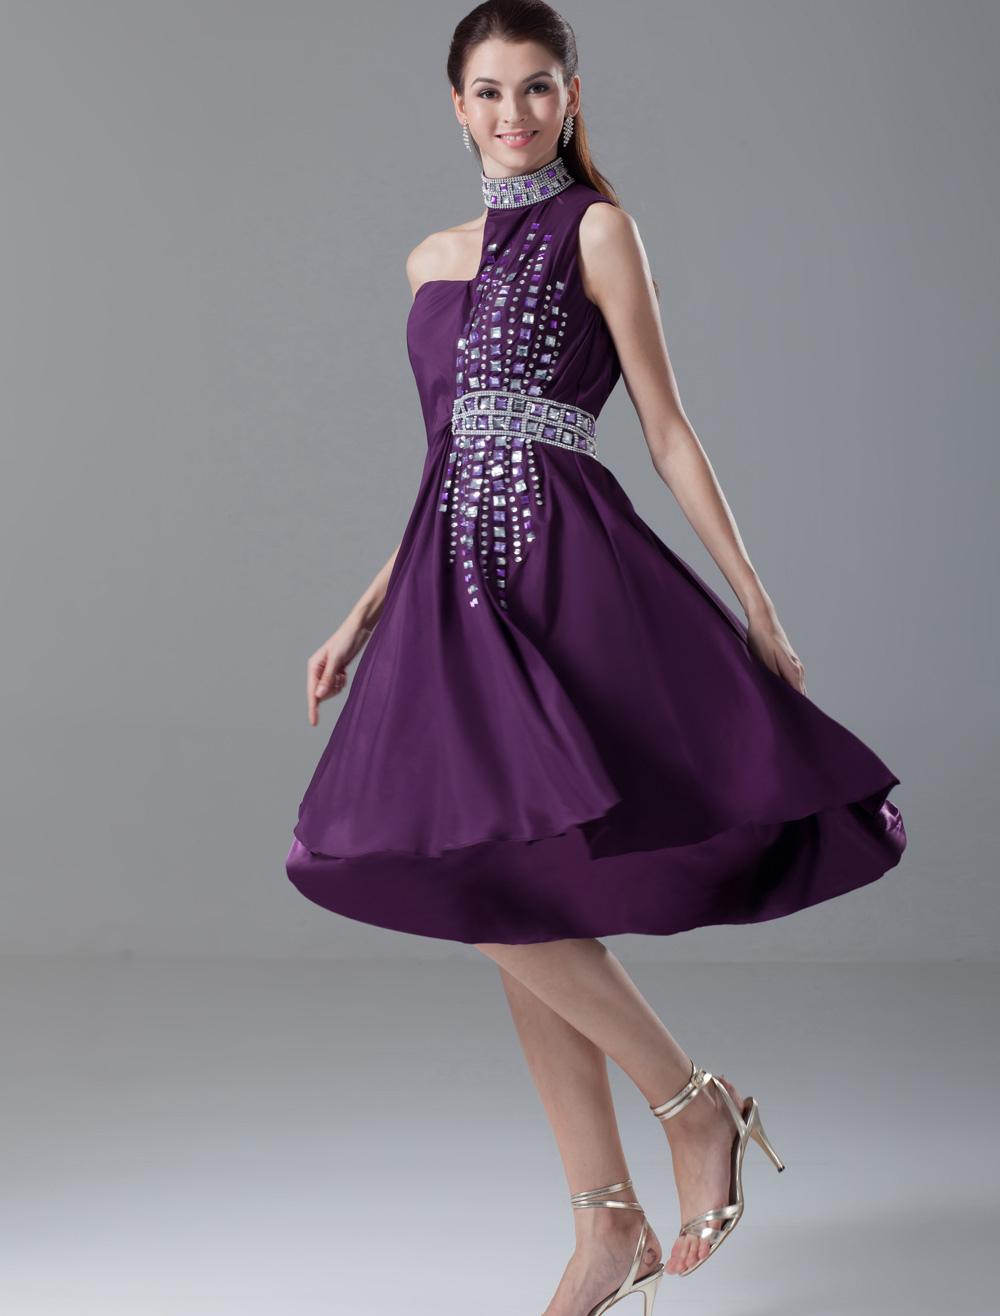 Dorable Accesorios Para Vestidos De Dama Ilustración - Vestido de ...